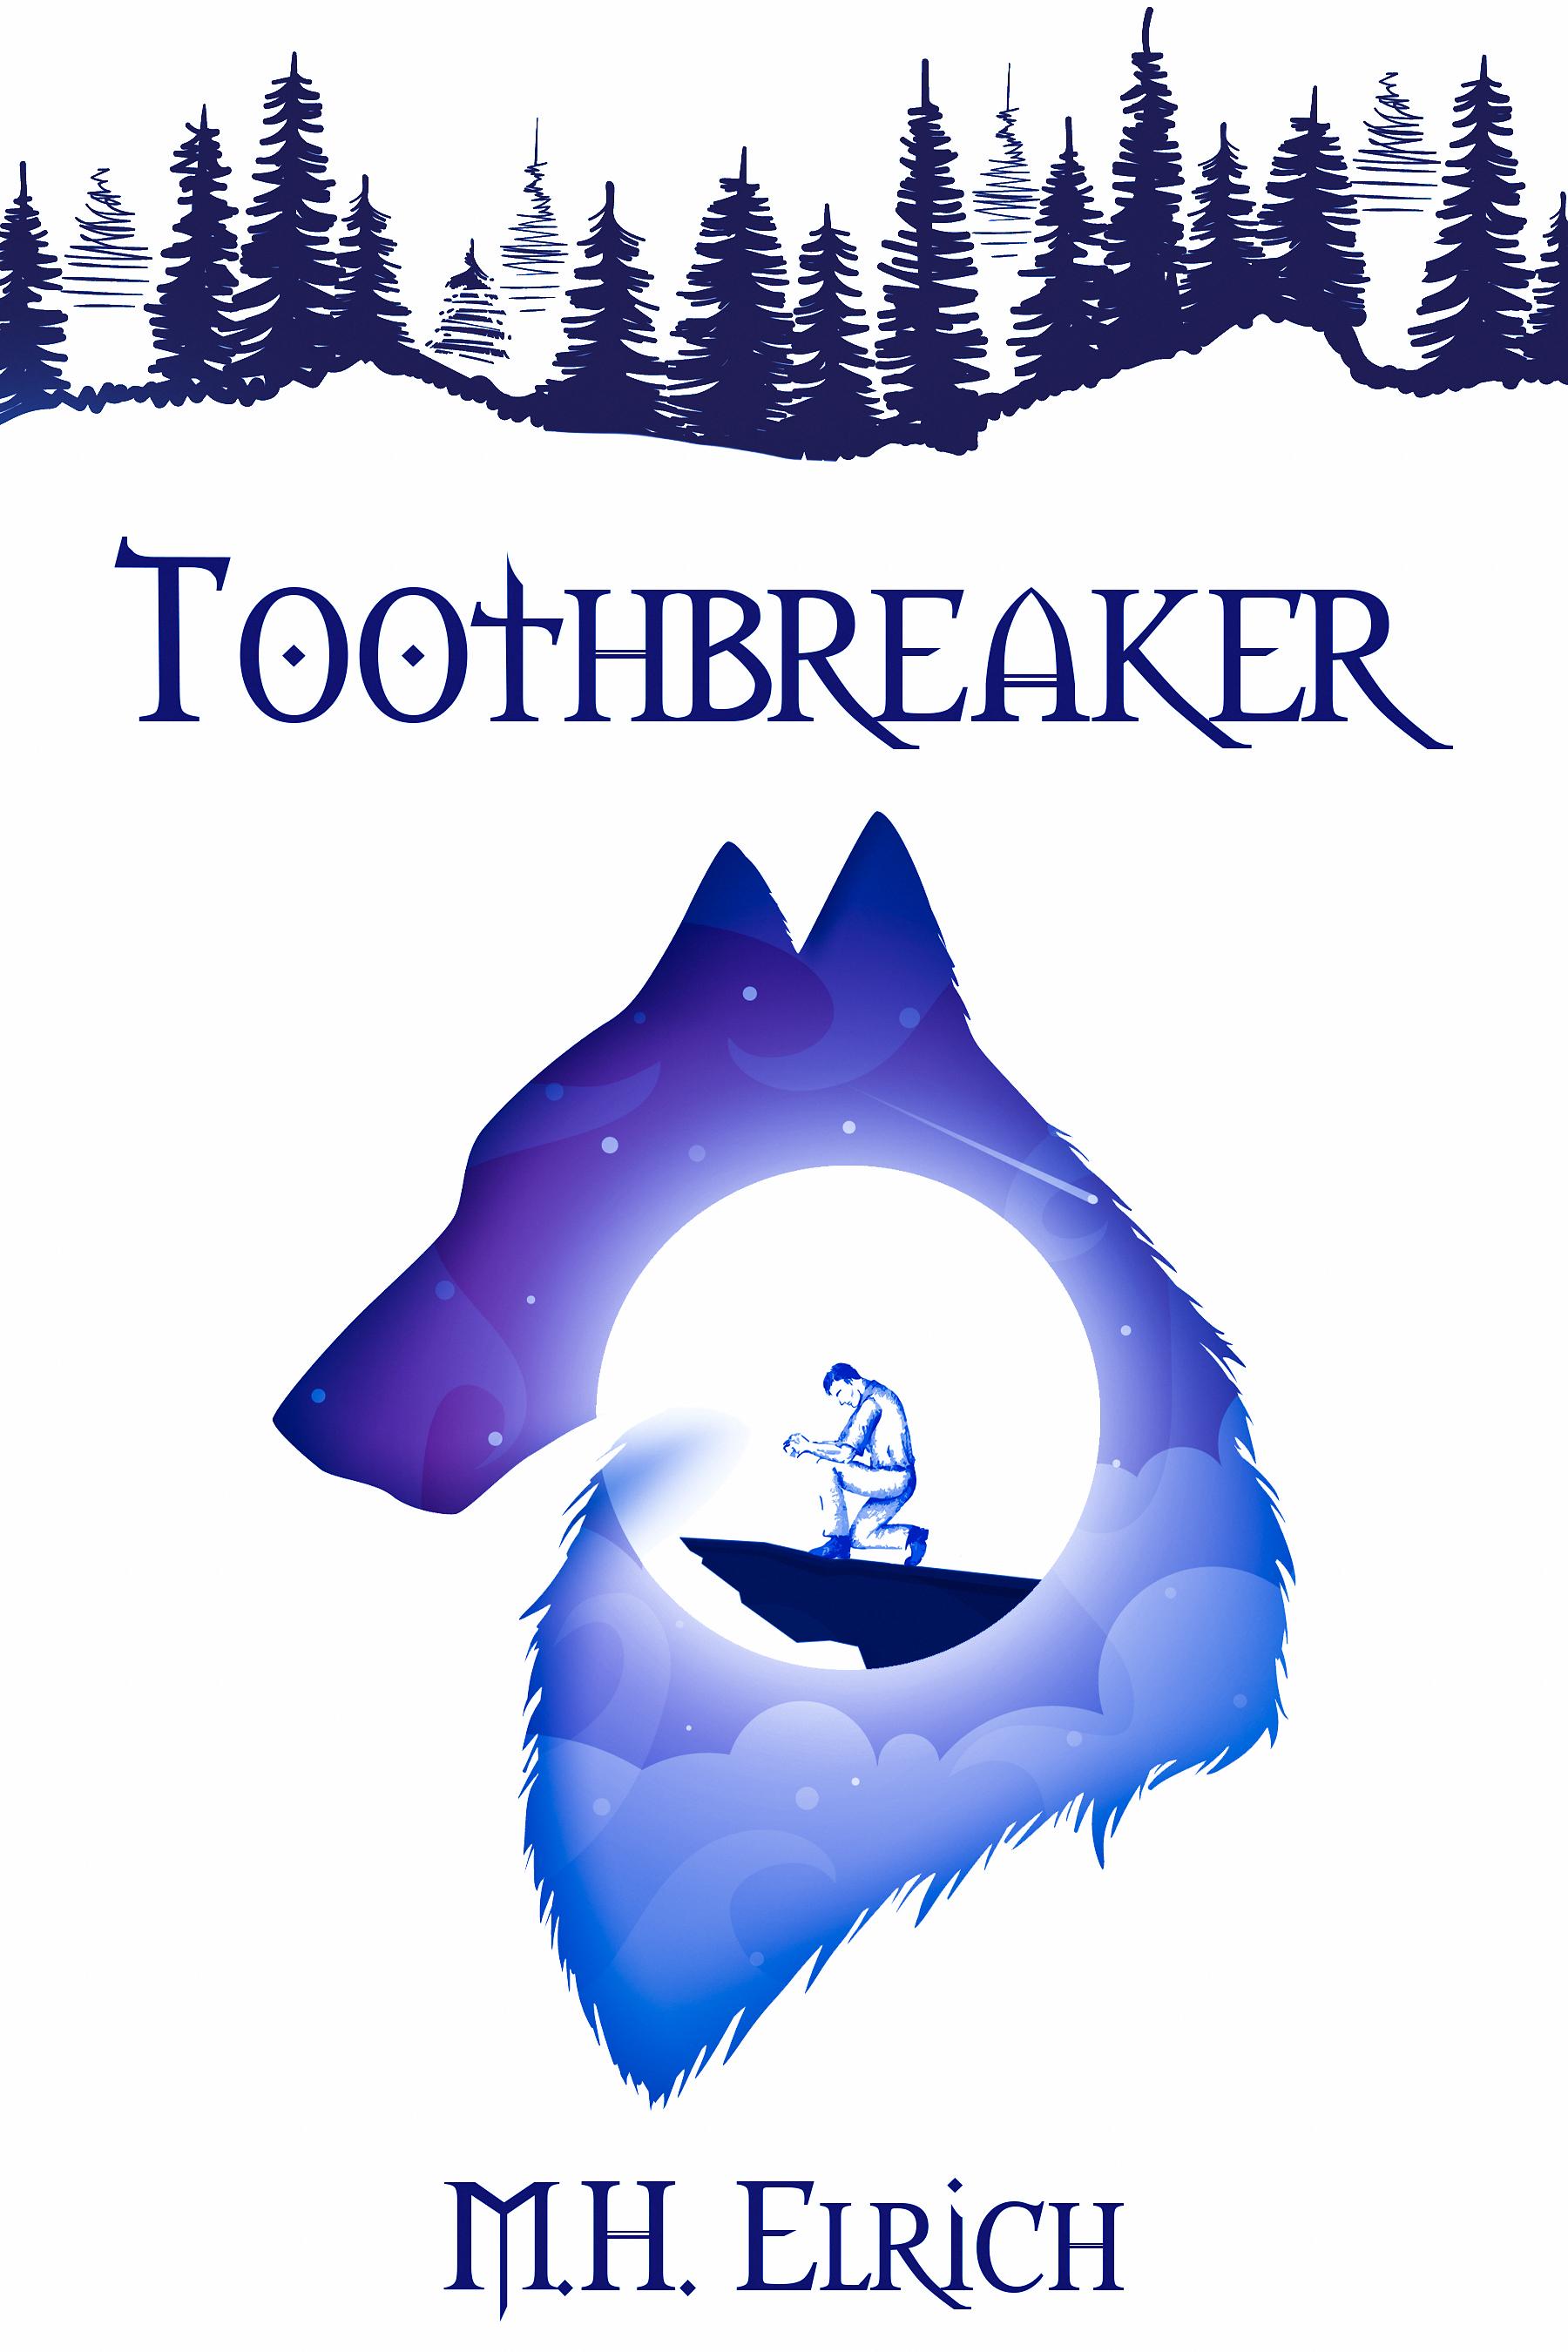 Toothbreaker